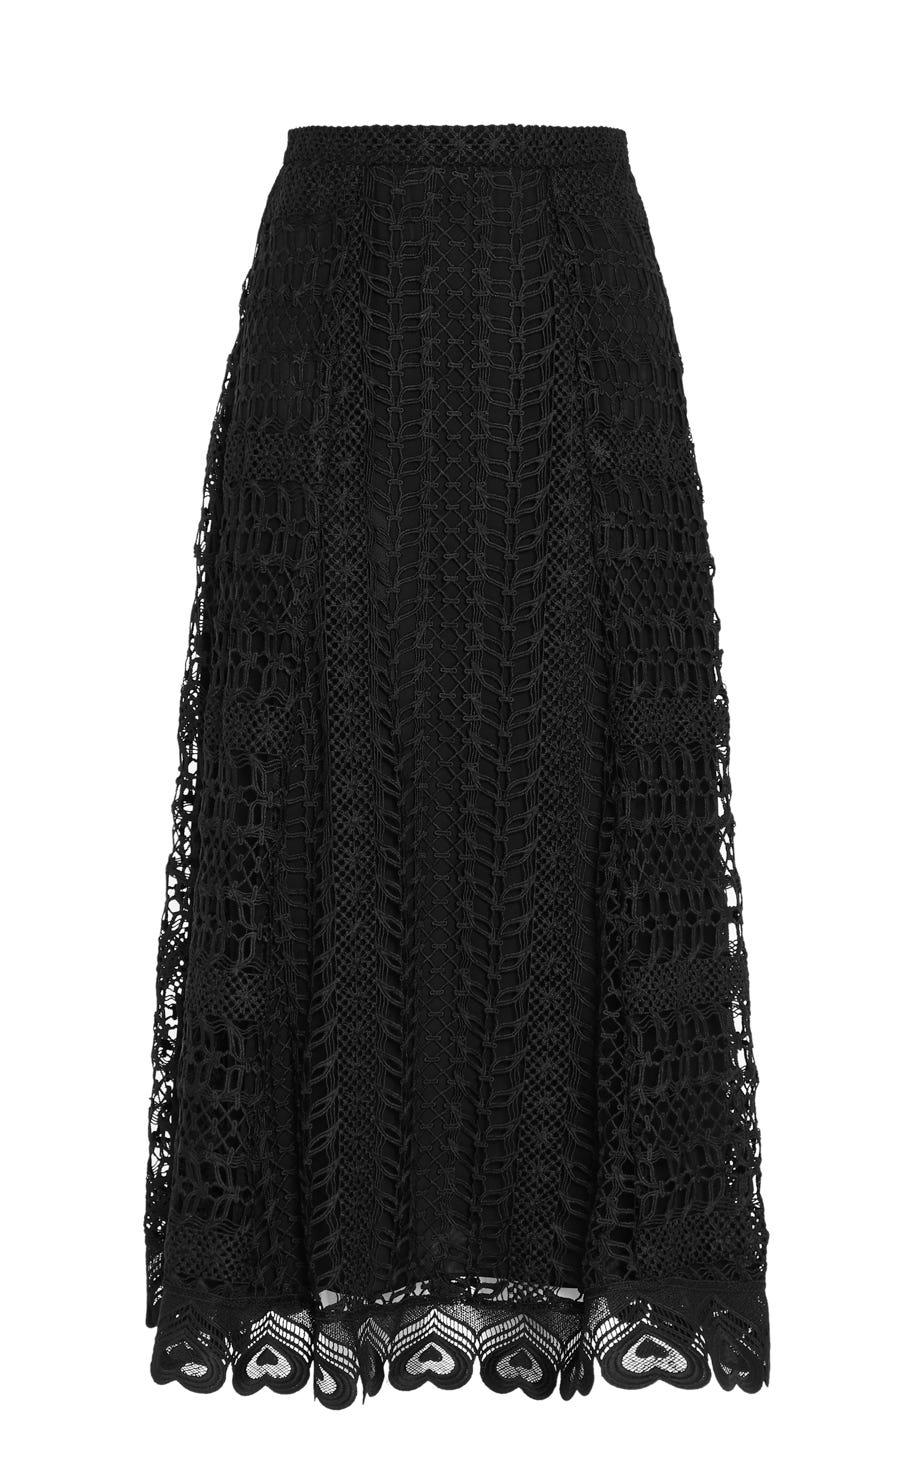 Sunbird Skirt